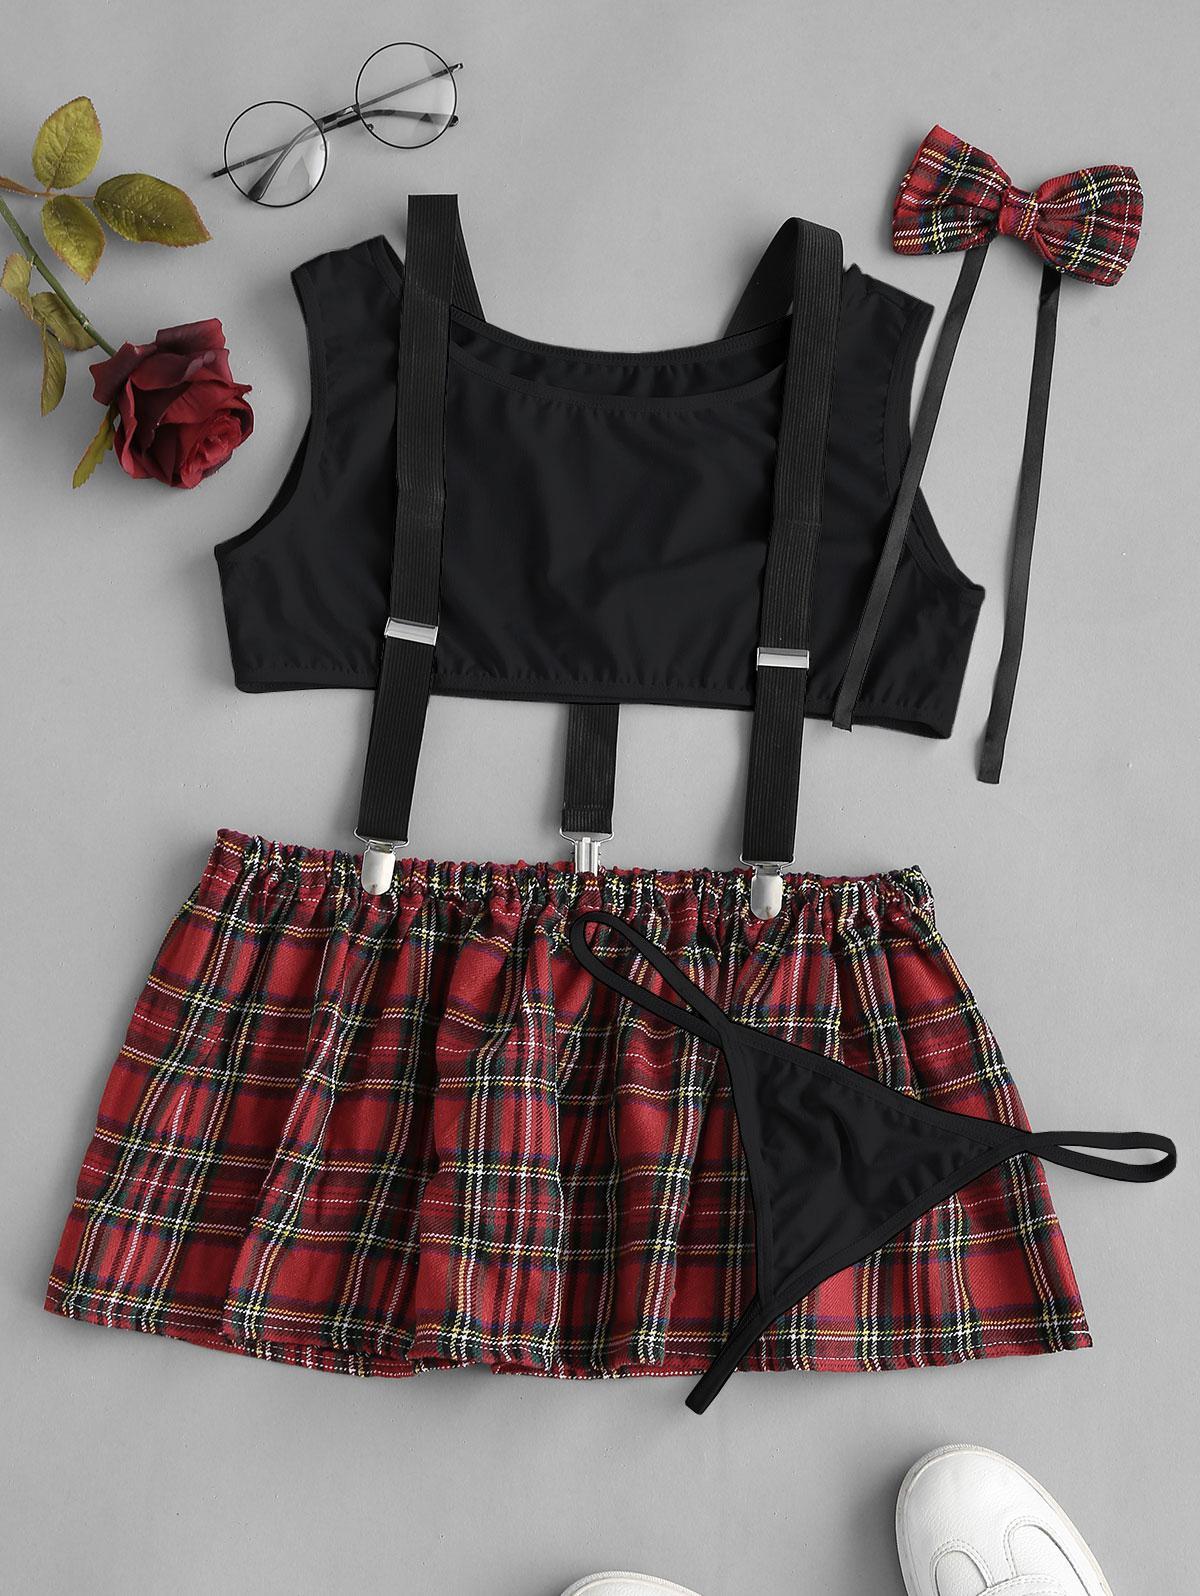 Plaid Suspender Lingerie Student Costume Set